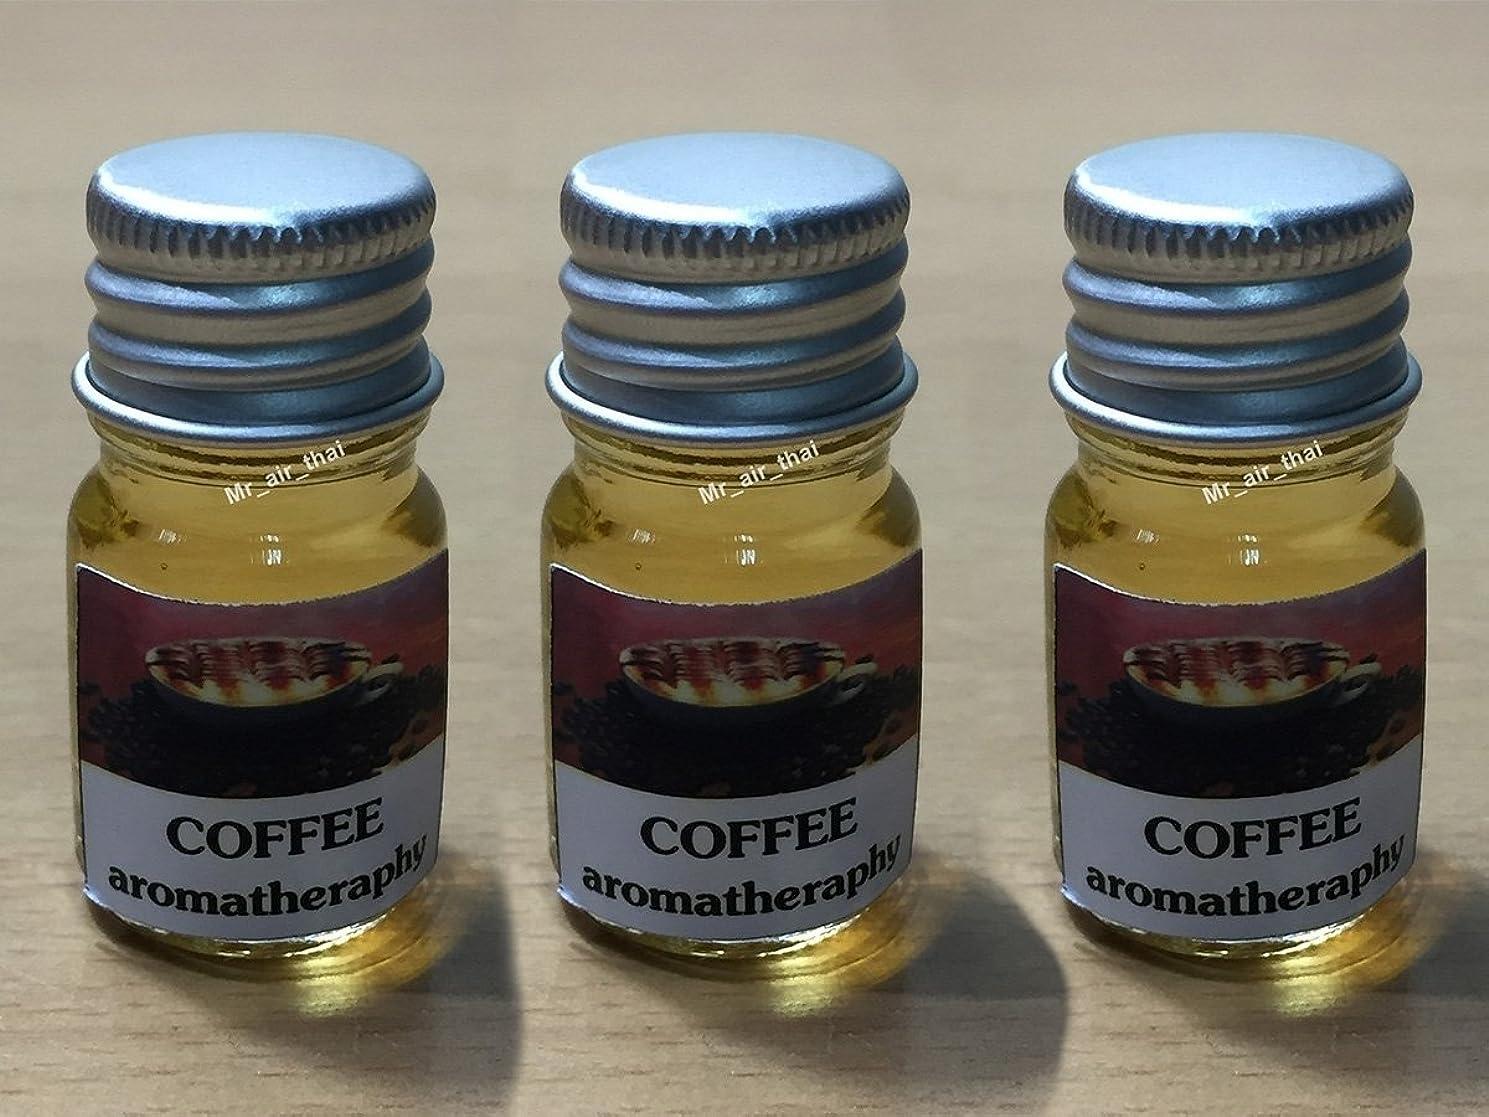 時刻表ラウズスナック3個セット 5ミリリットルアロマコーヒーフランクインセンスエッセンシャルオイルボトルアロマテラピーオイル自然自然 3PC 5ml Aroma Coffee Frankincense Essential Oil Bottles Aromatherapy Oils natural nature